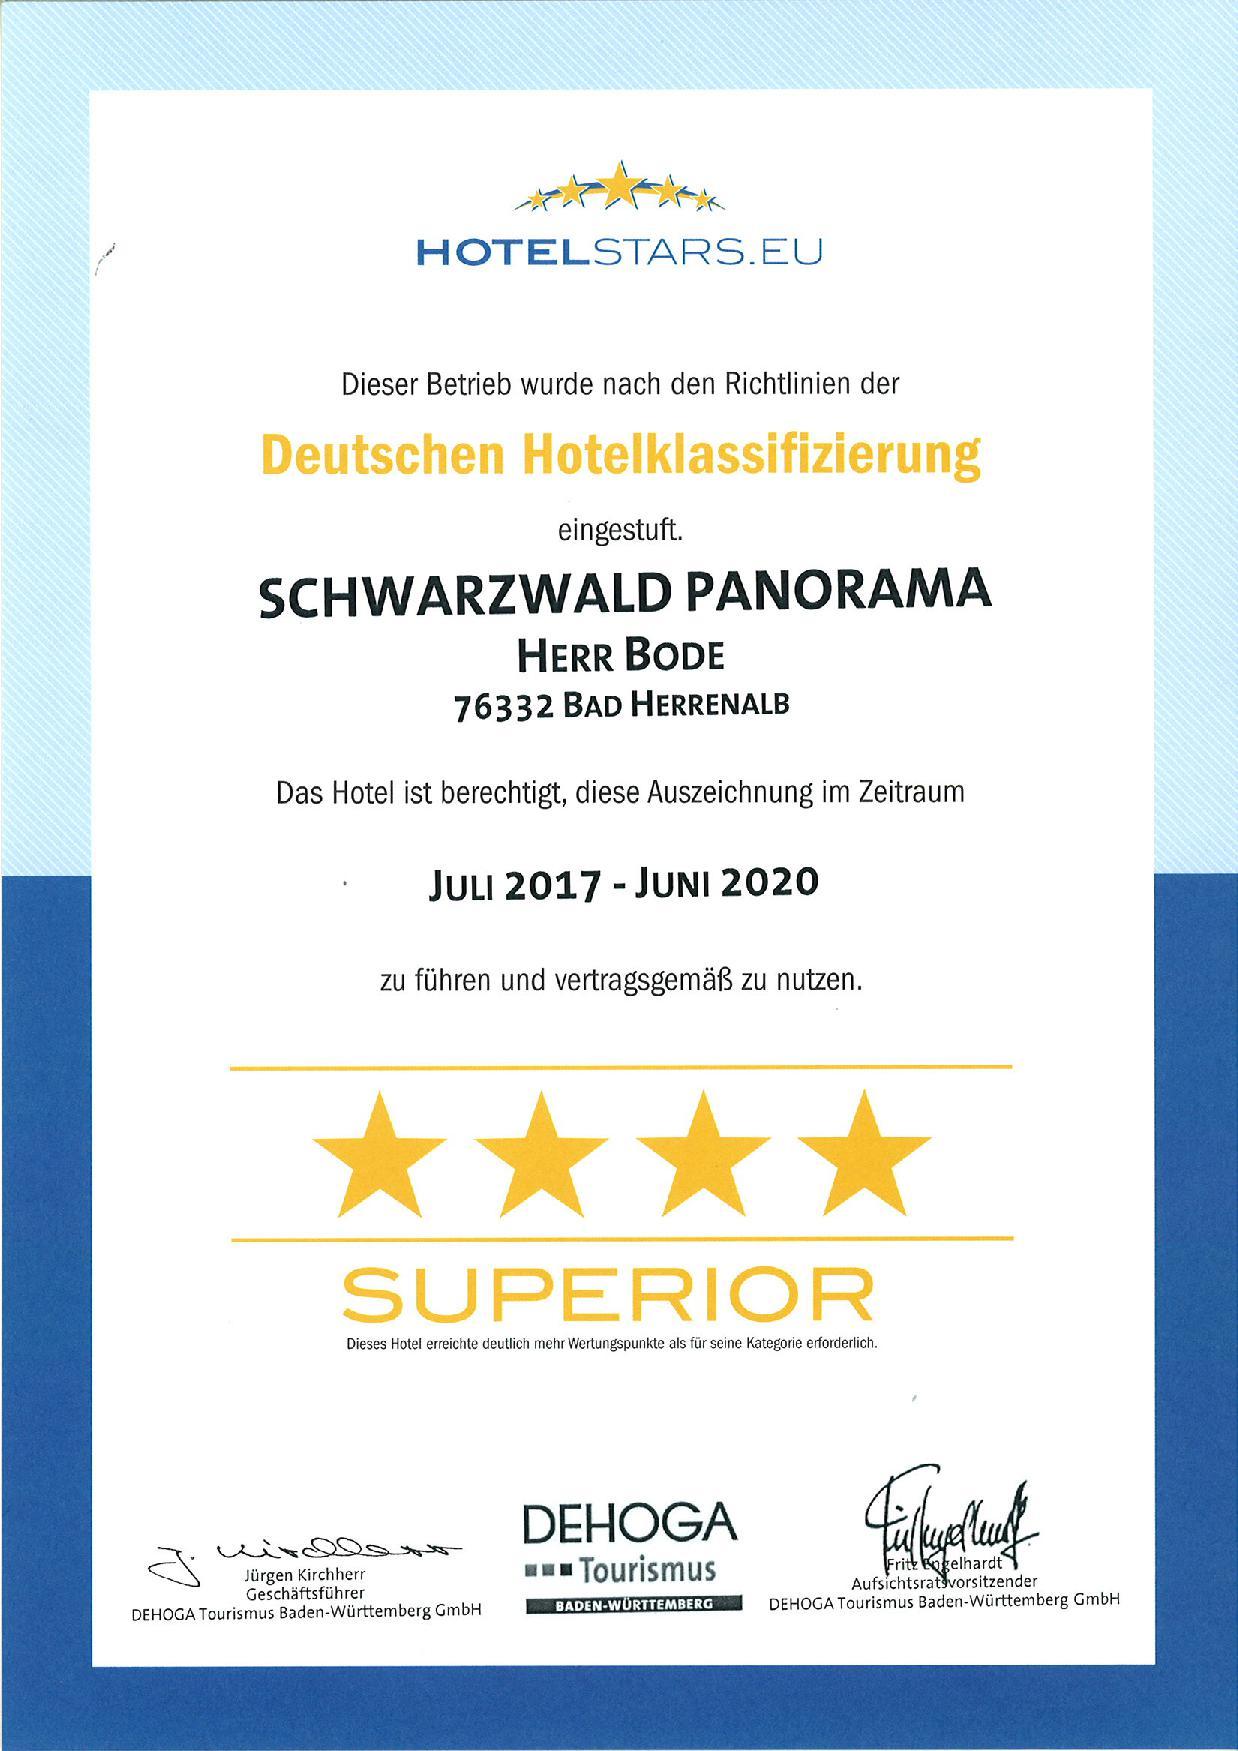 DEHOGA Zertifikat 2014-2017